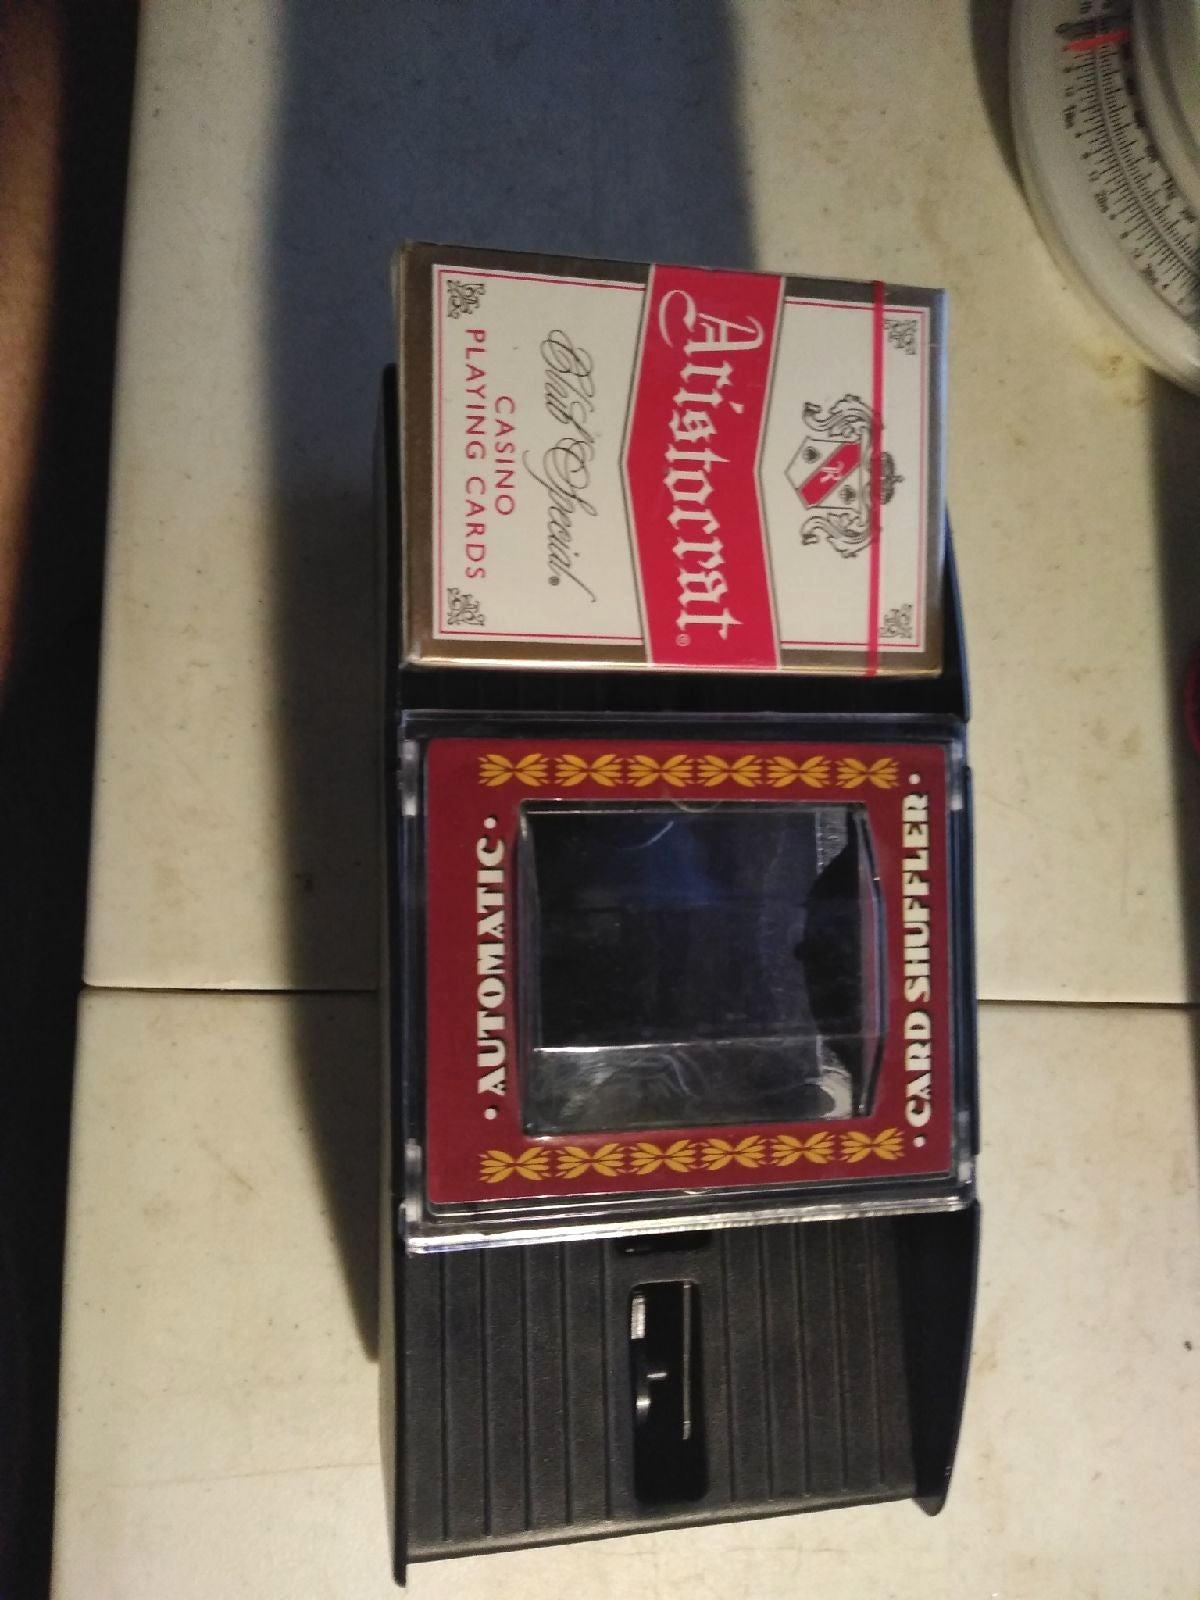 Cardinal card shuffler  Brand new unopen